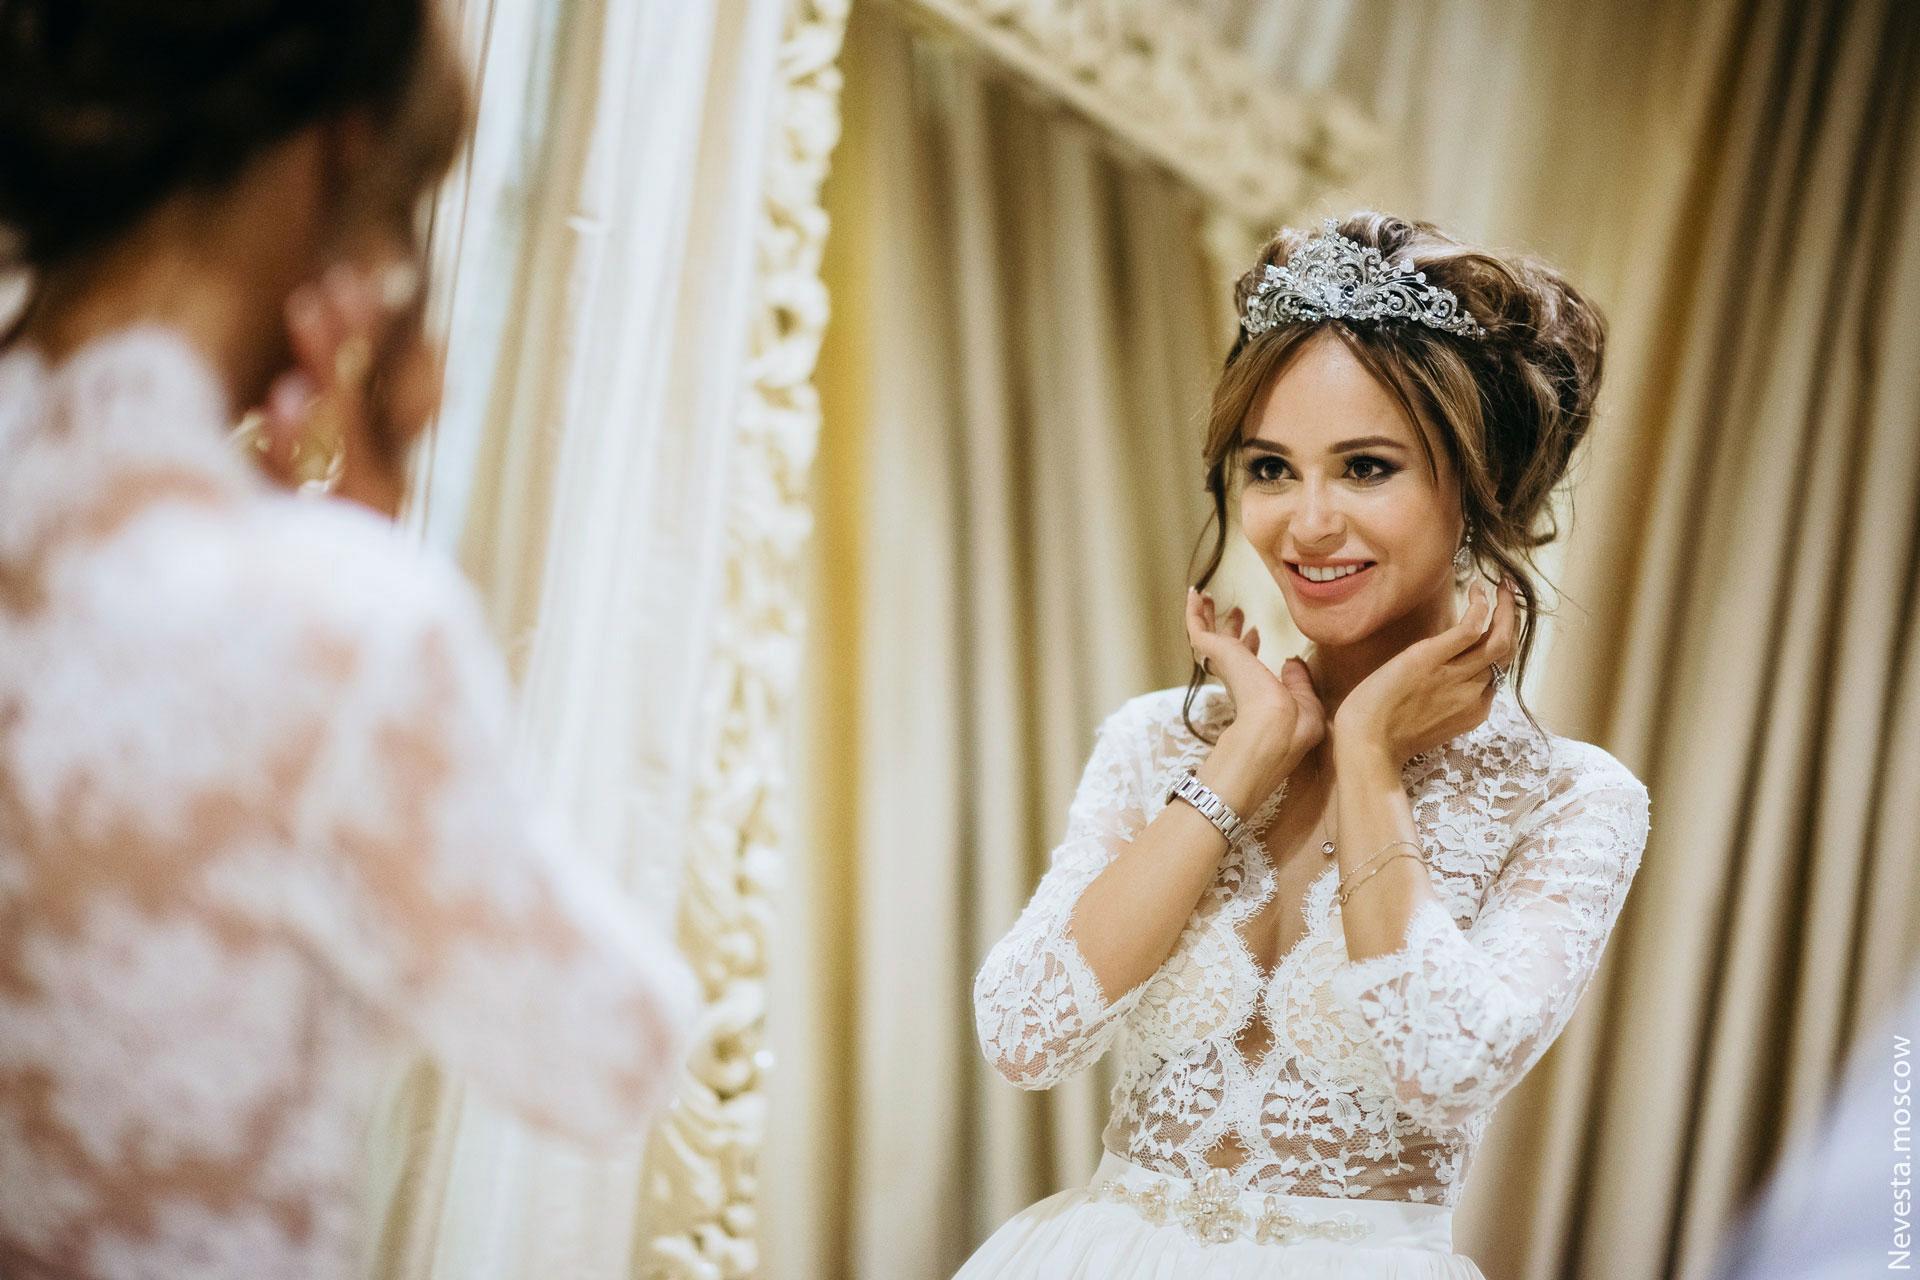 Анна Калашникова выбирает образ для своей свадьбы фото 32